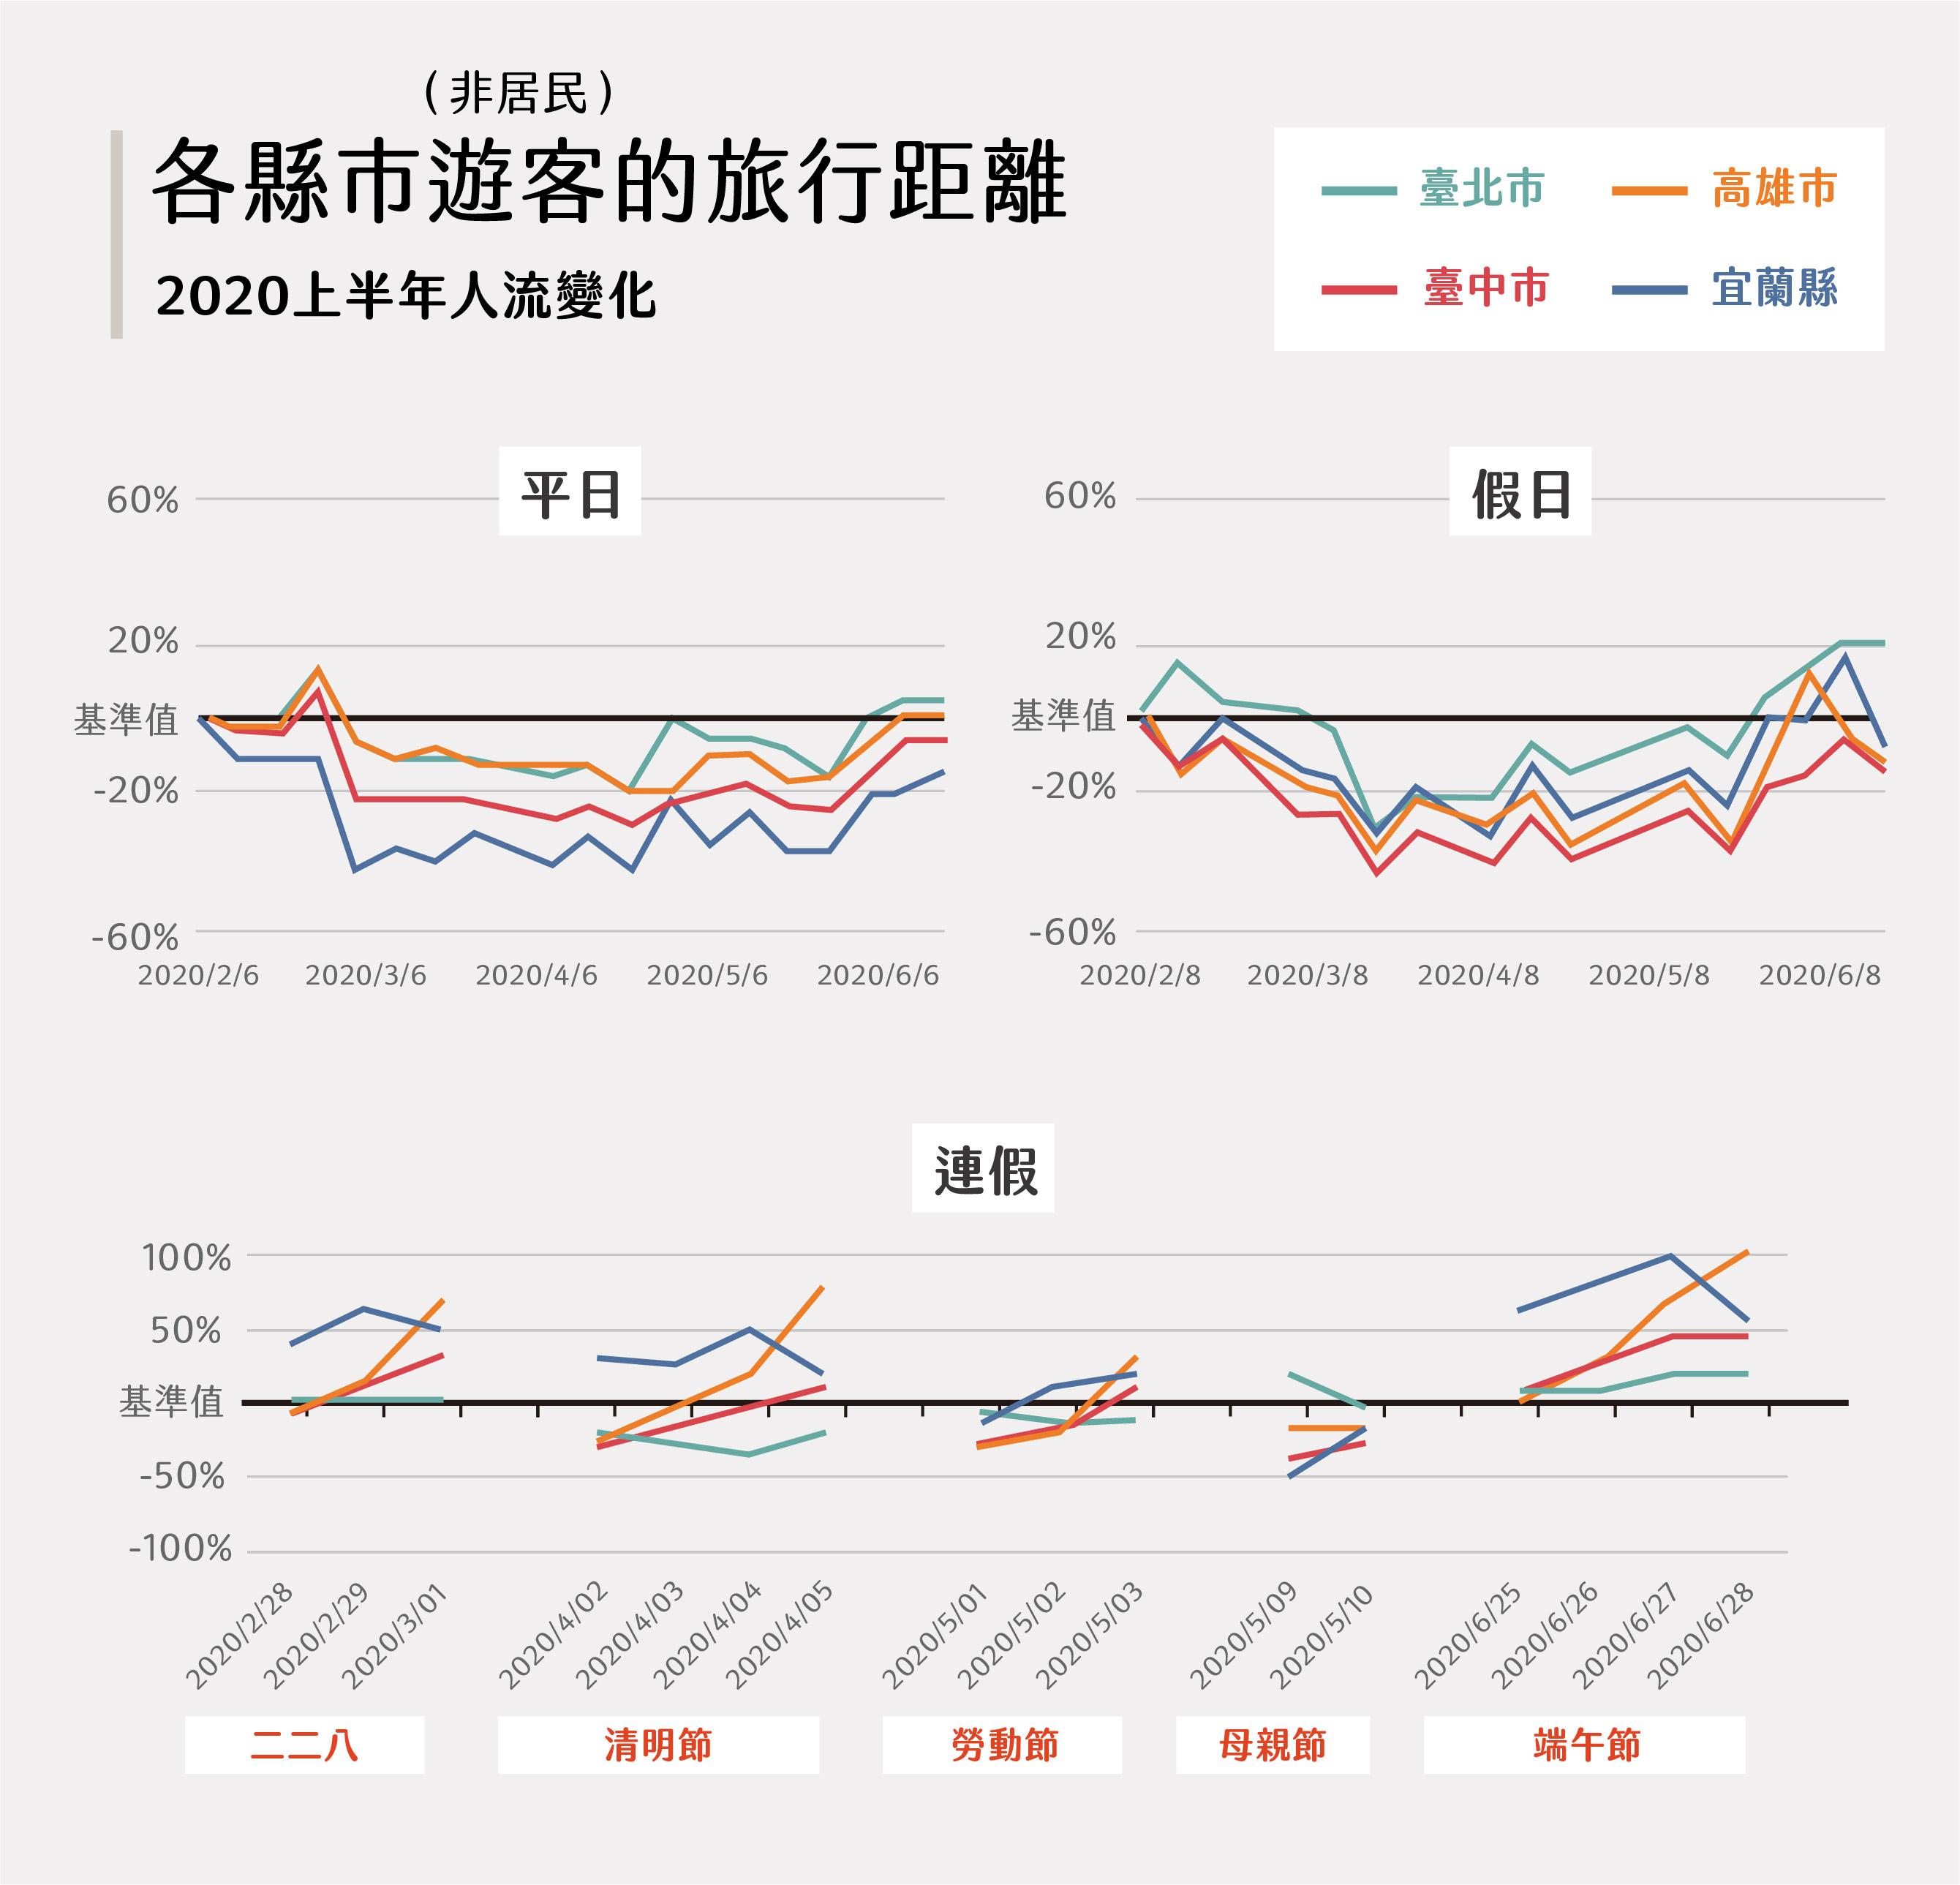 2020 年 6 月後,假日的跨縣市人潮開始增加,旅行距離越來越長。高雄、宜蘭遊客明顯增加,特別是遇上連續假期,人流就會從北部往兩處移動。圖│研之有物(資料來源│詹大千)